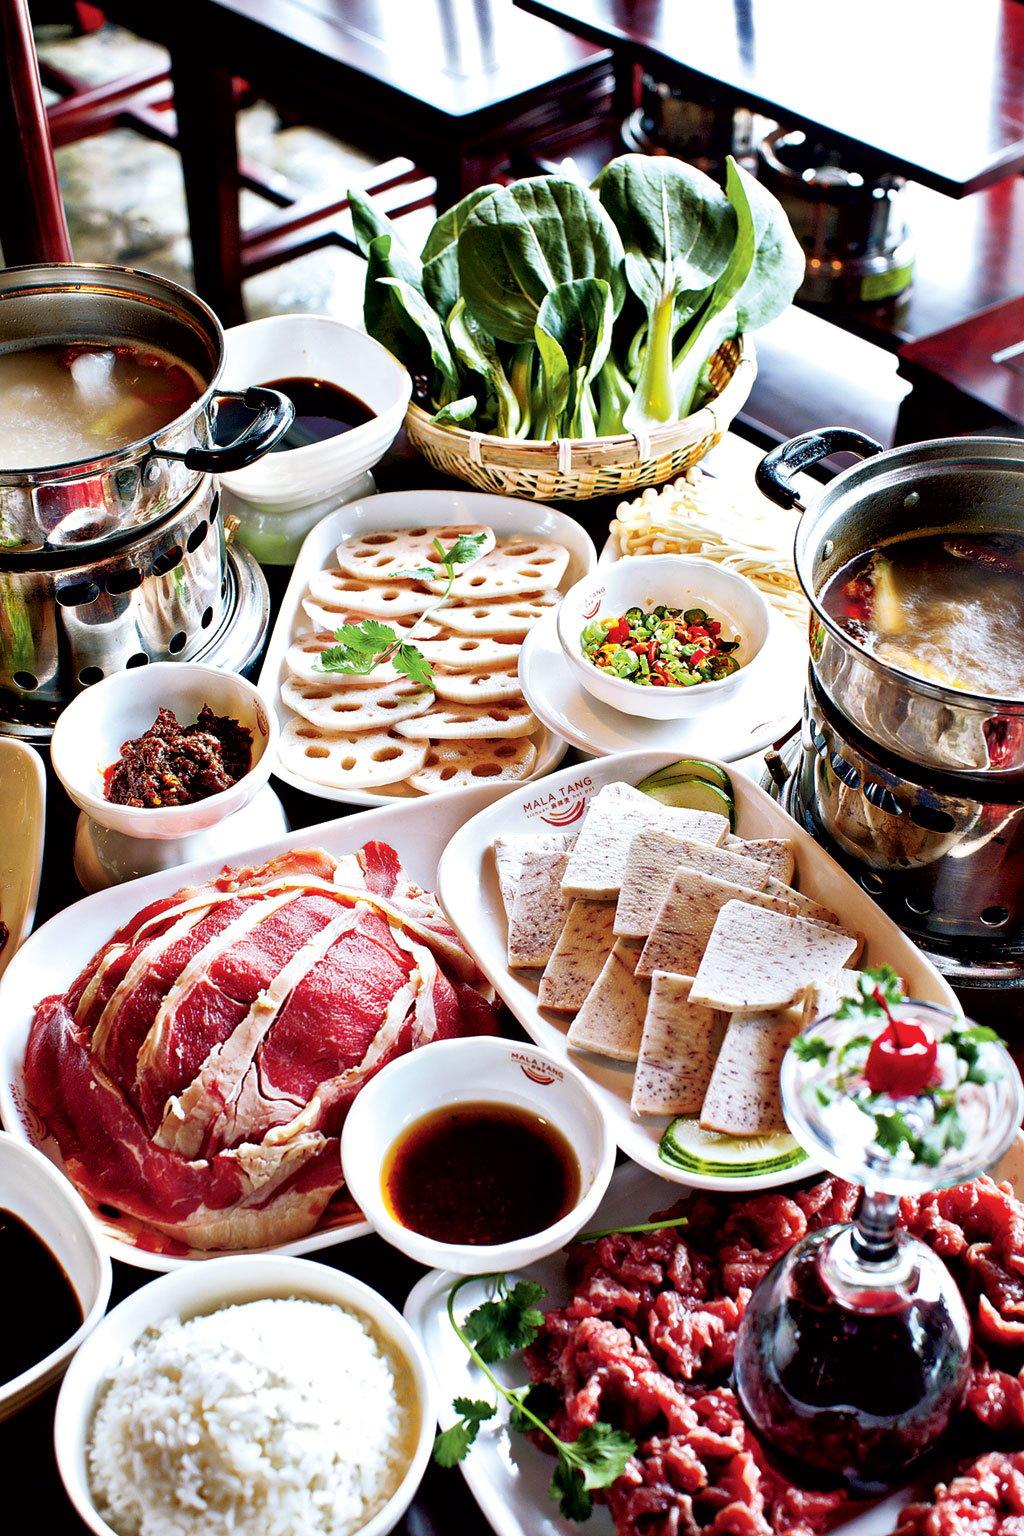 Cheap Restaurants Large Groups. Szechuan Hot Pot at Mala Tang. Photograph by Scott Suchman.